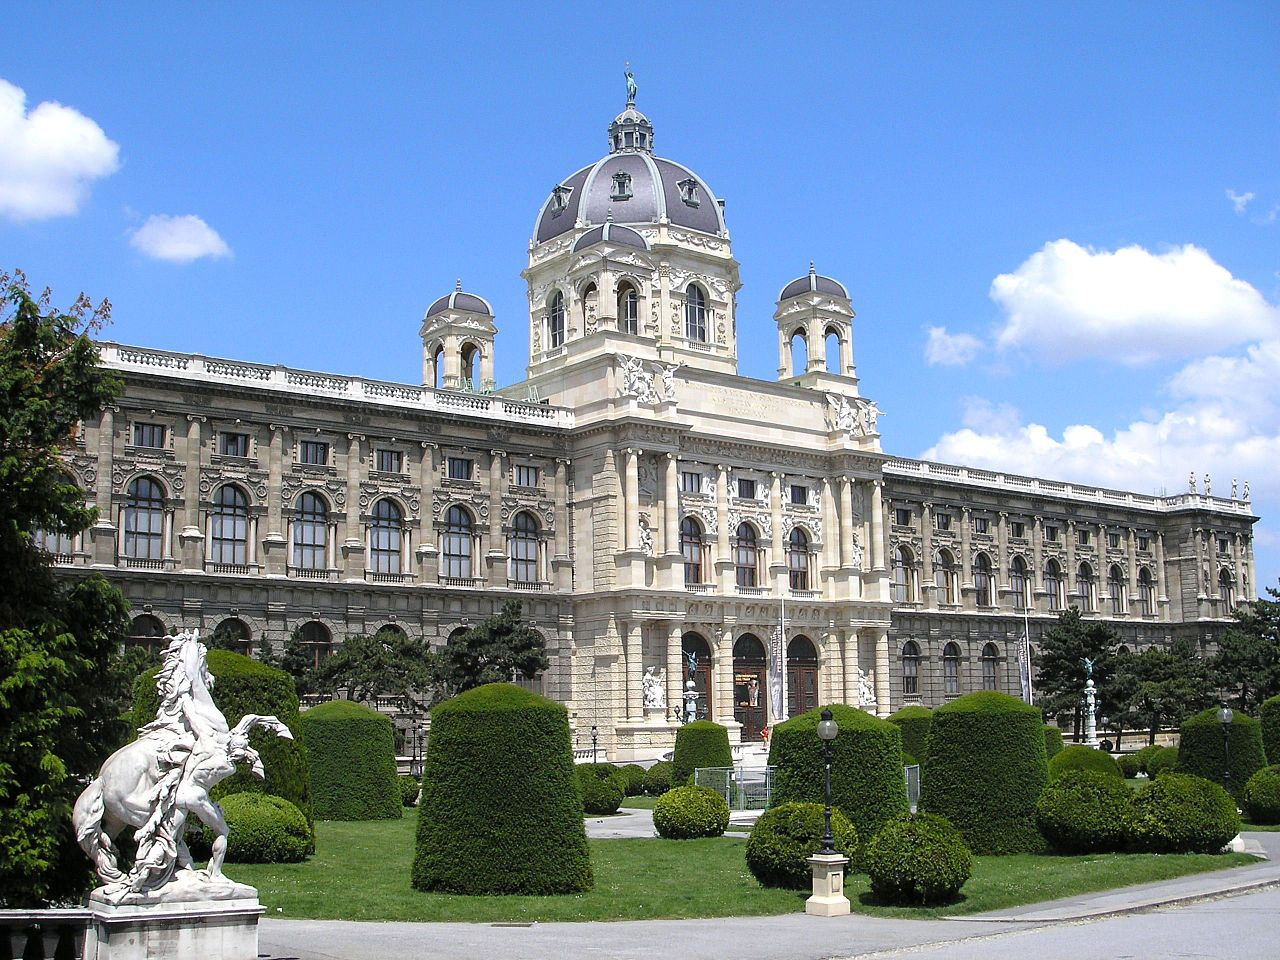 Naturhistoriches Museum in Vienna, Austria.